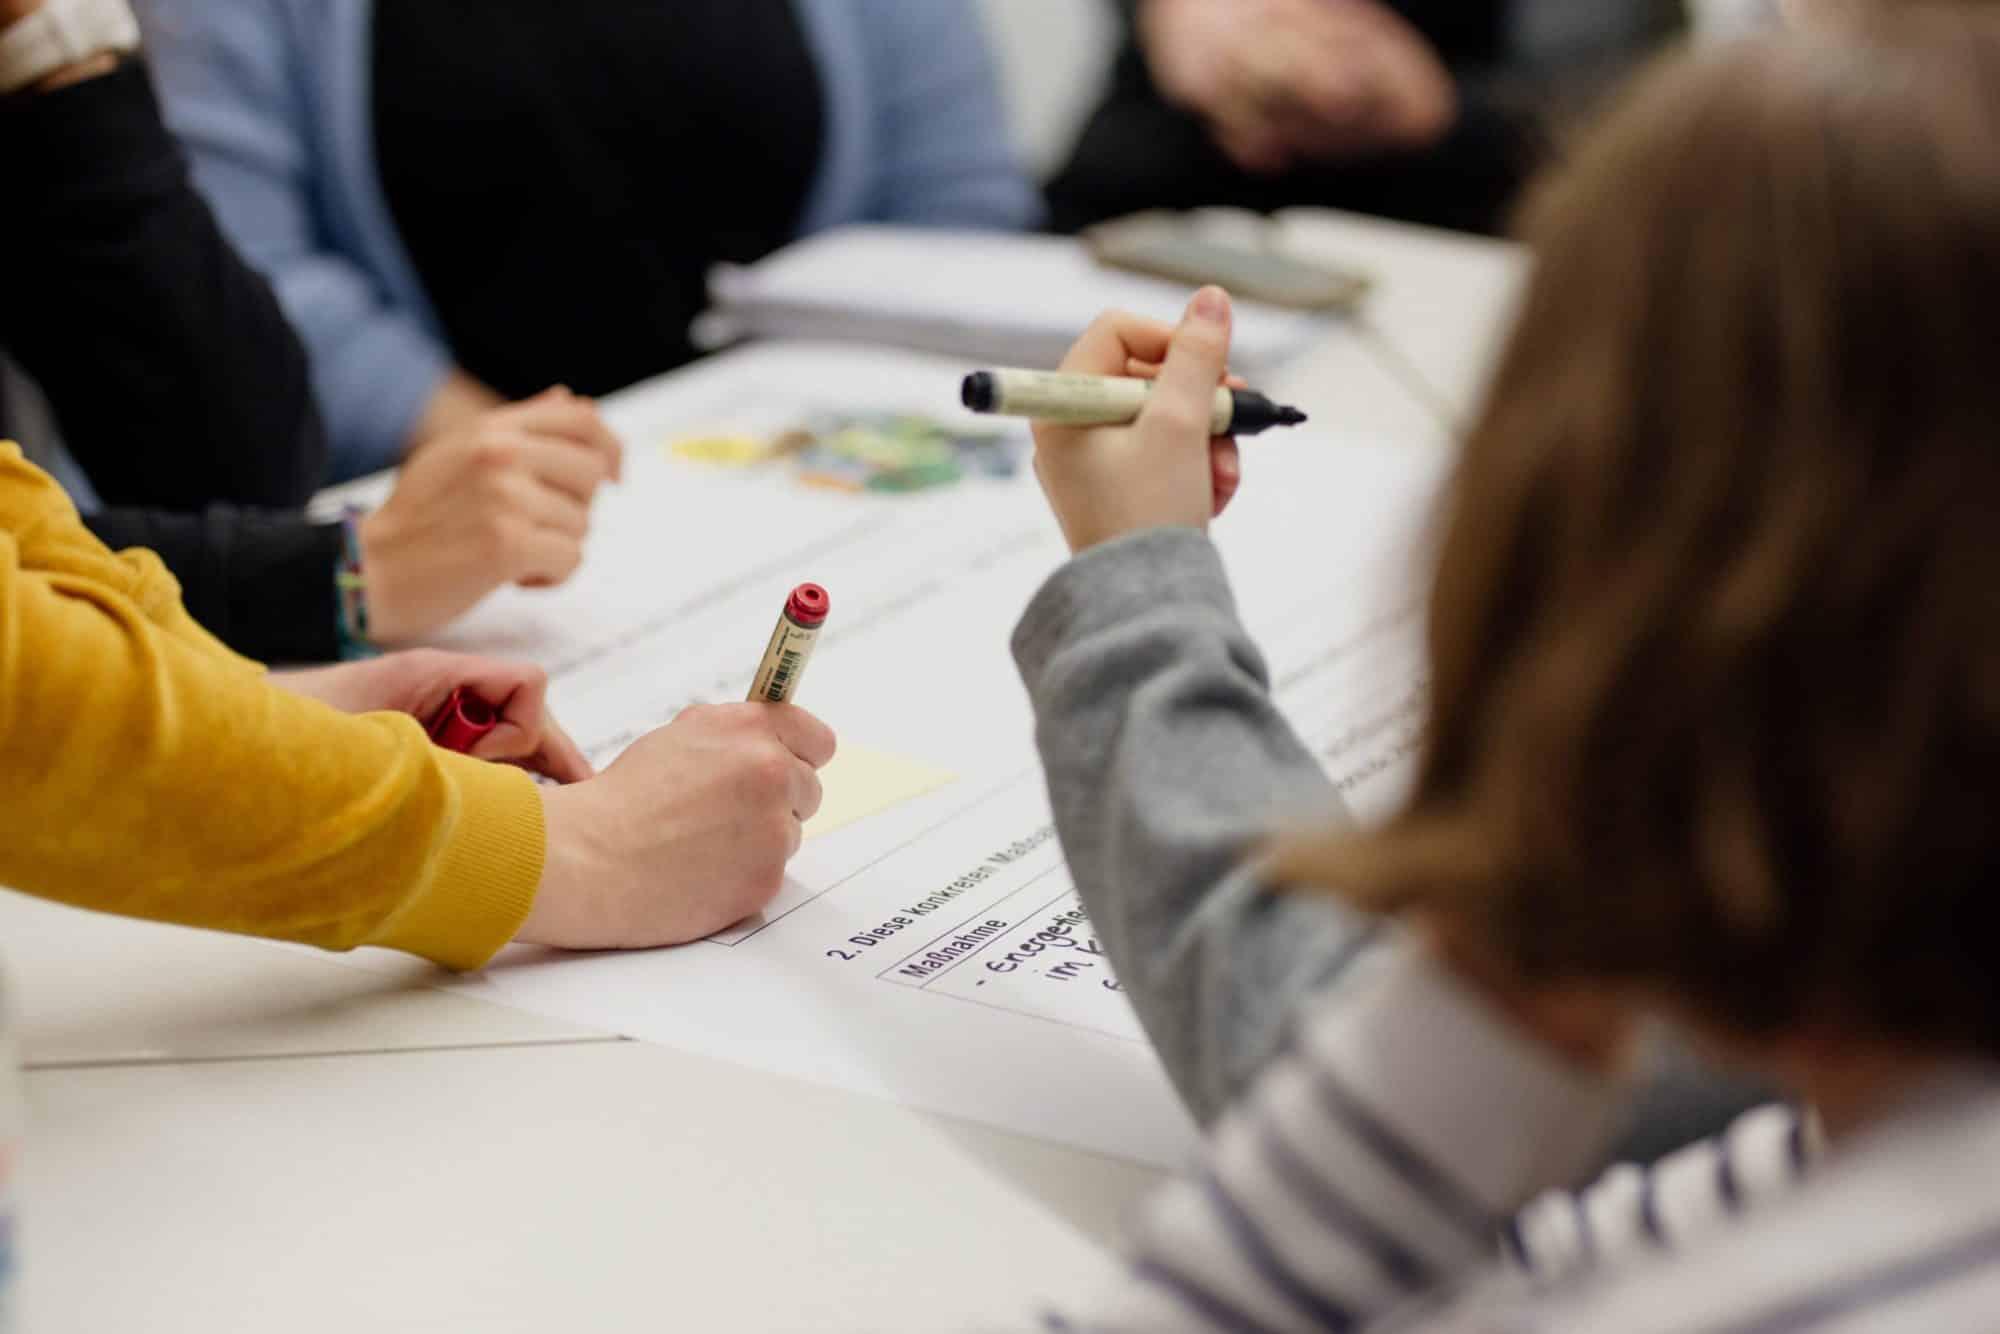 Bürger in einen Workshop